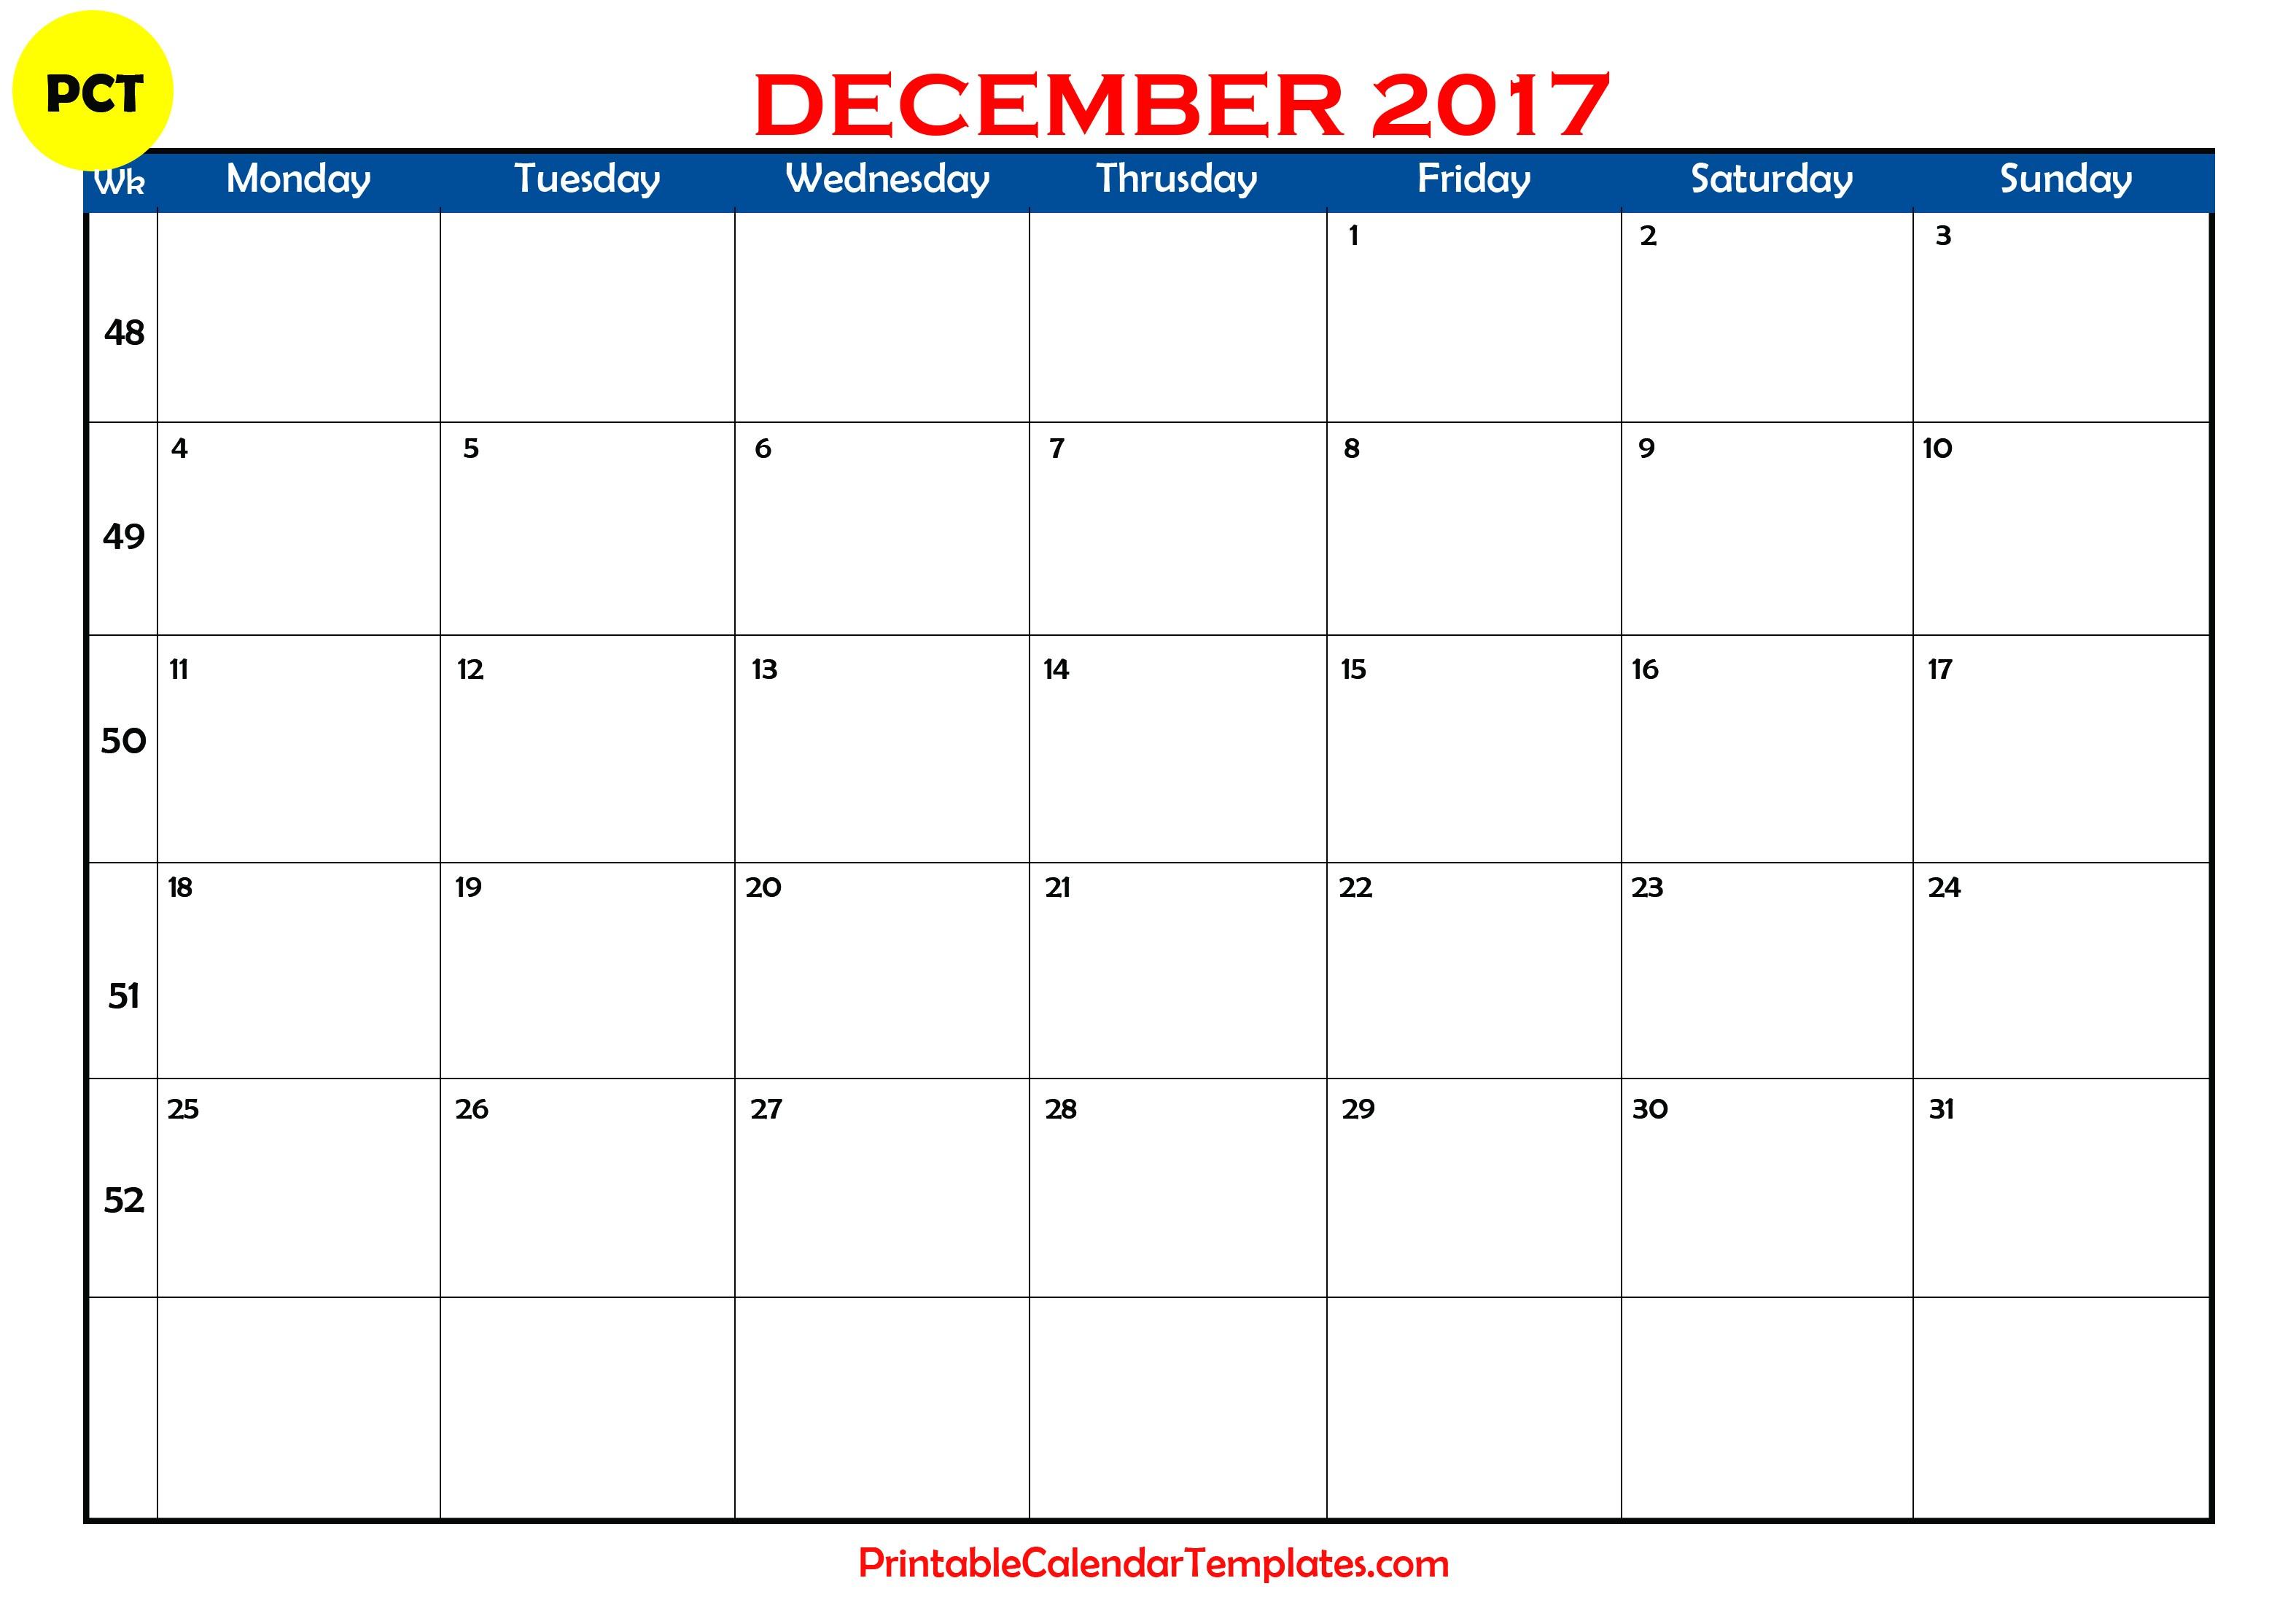 December 2017 calendar printable | Printable Calendar Templates